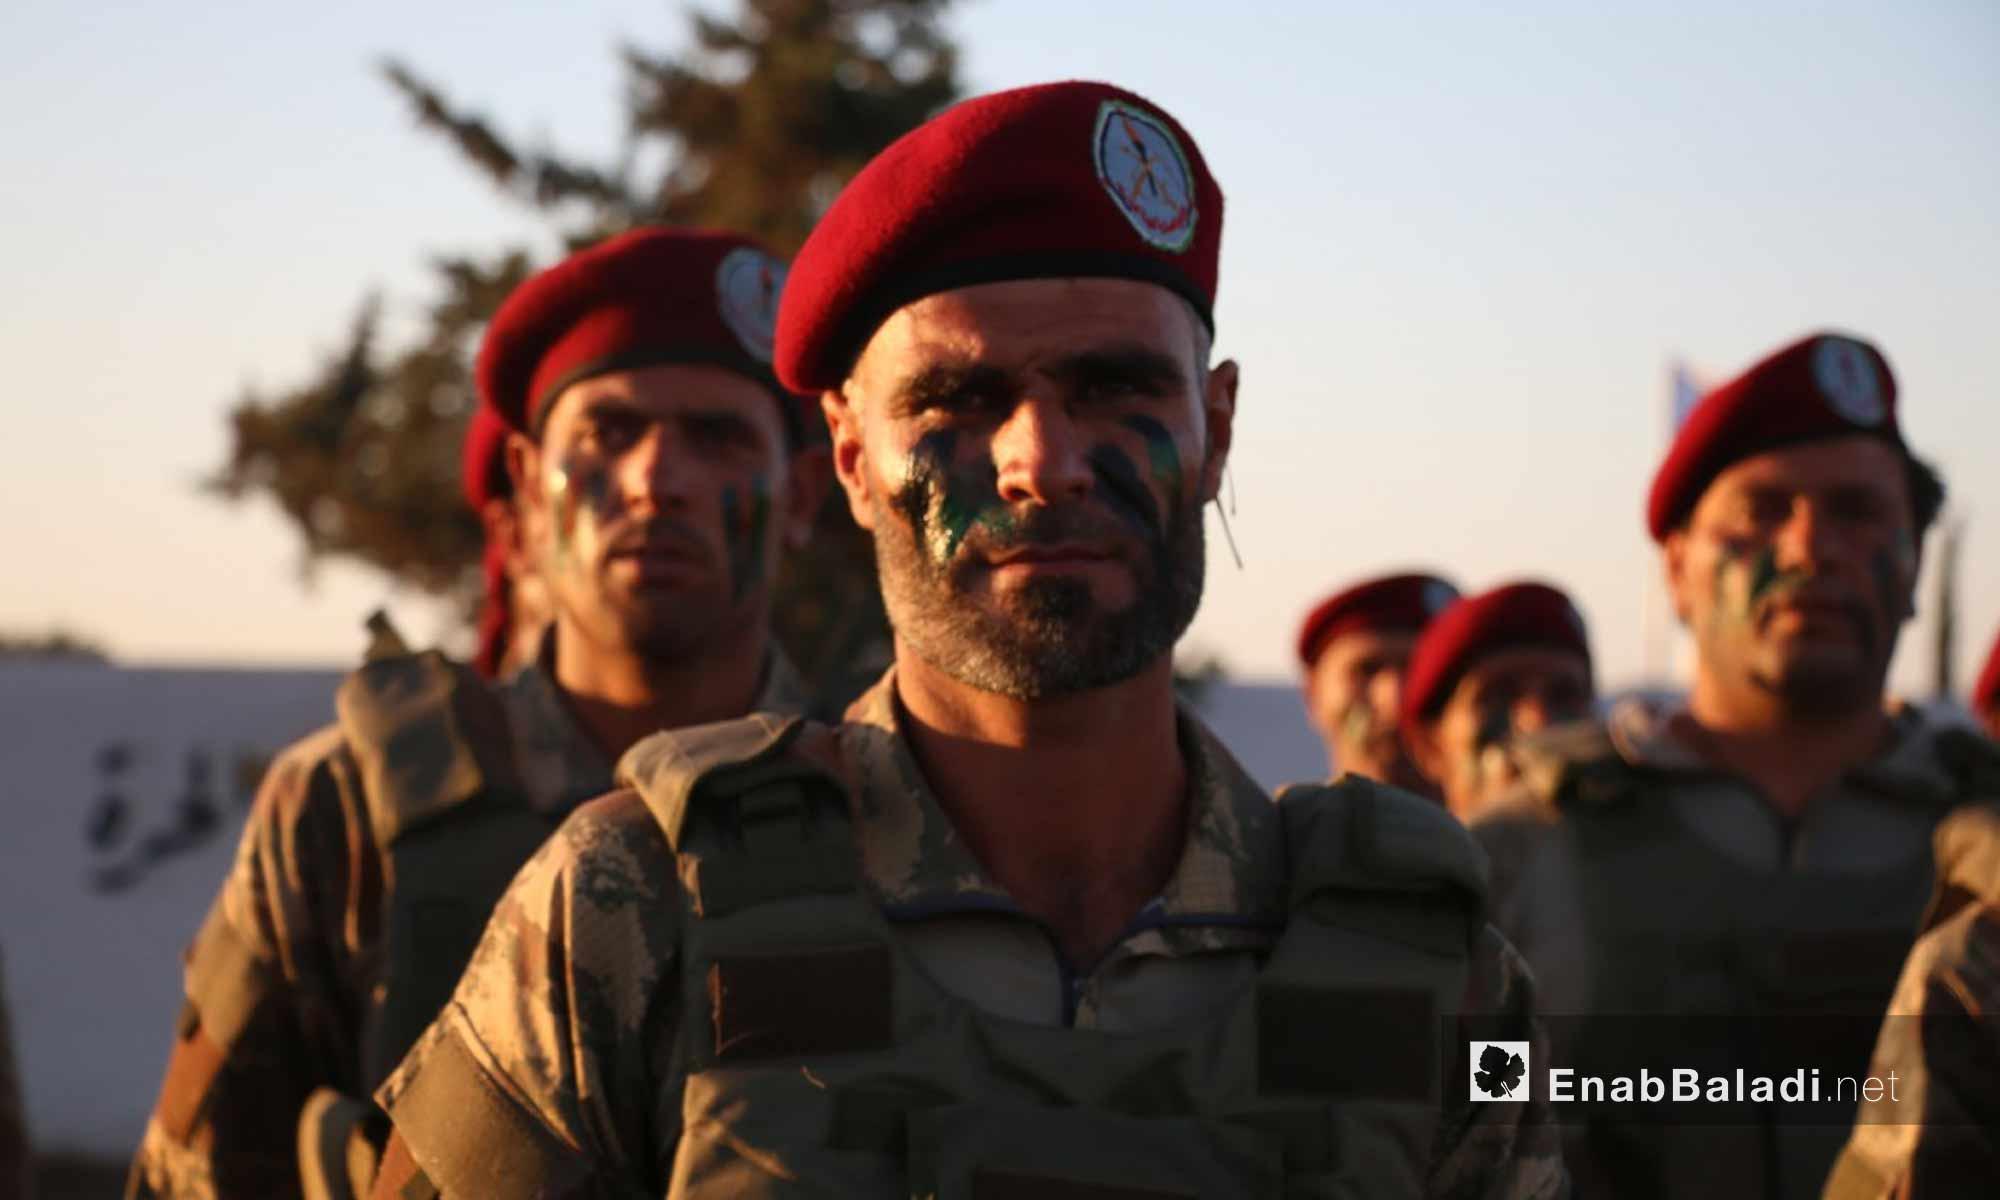 مقاتلون من فرقة الحمزة يؤدون عرضًا عسكريًا في افتتاح أول كلية عسكرية في ريف حلب الشمالي - 23 أيلول 2017 (عنب بلدي)